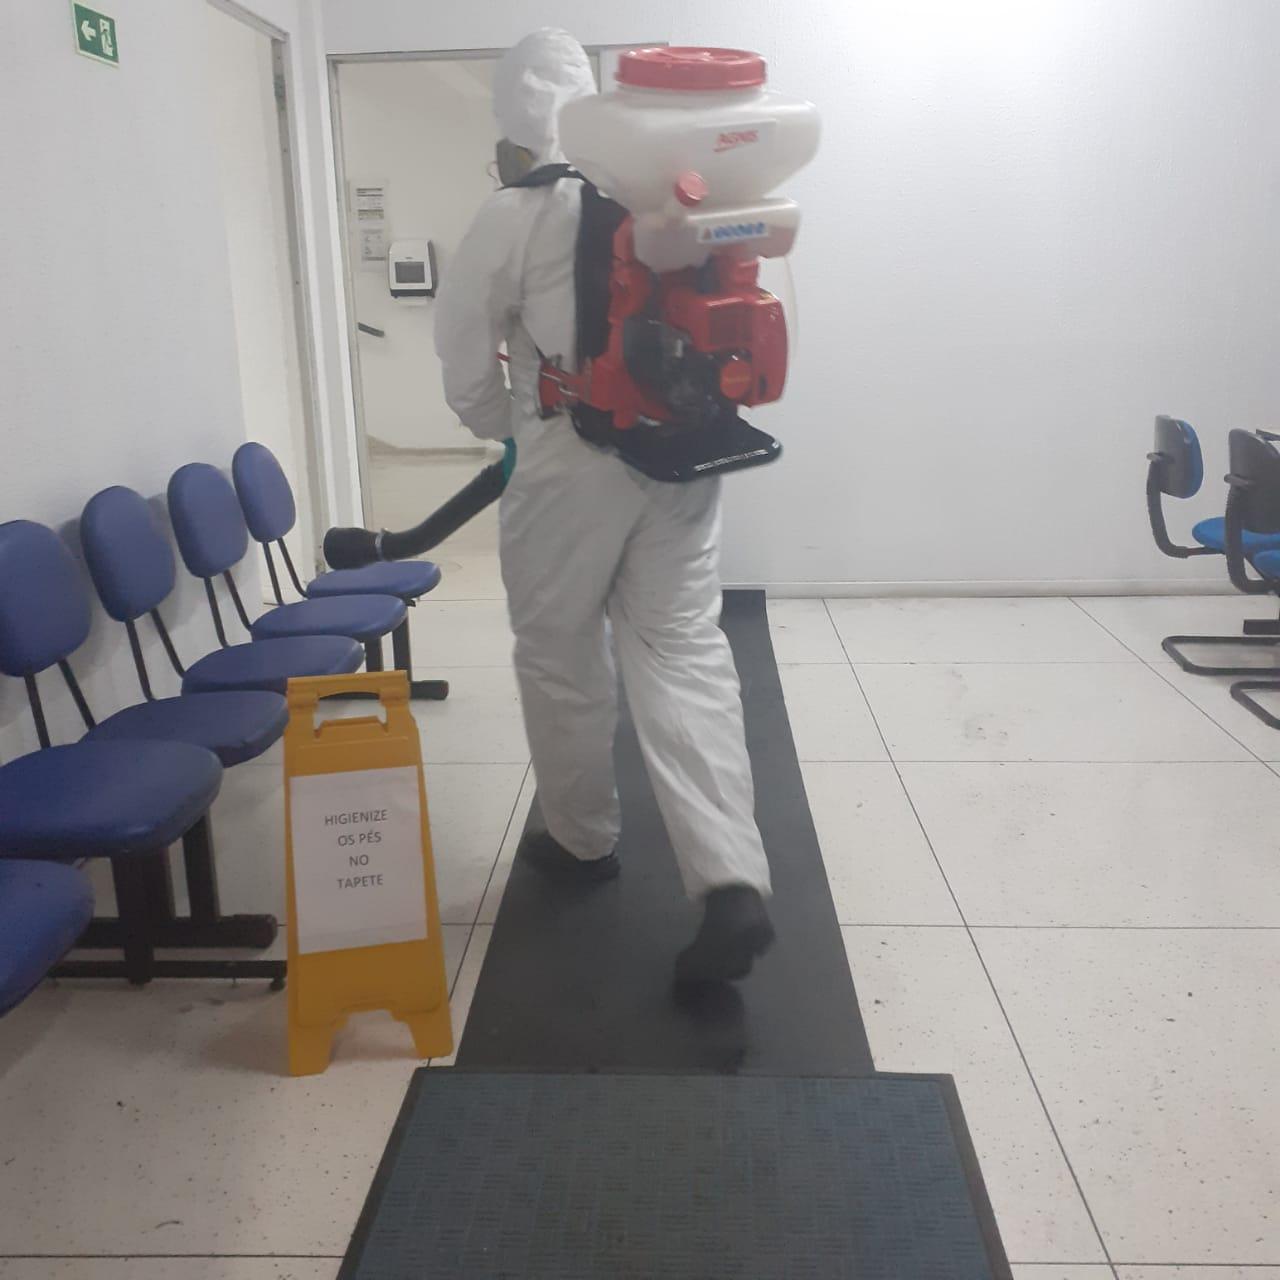 Serviço de controle de pragas ganha relevância em tempos de pandemia